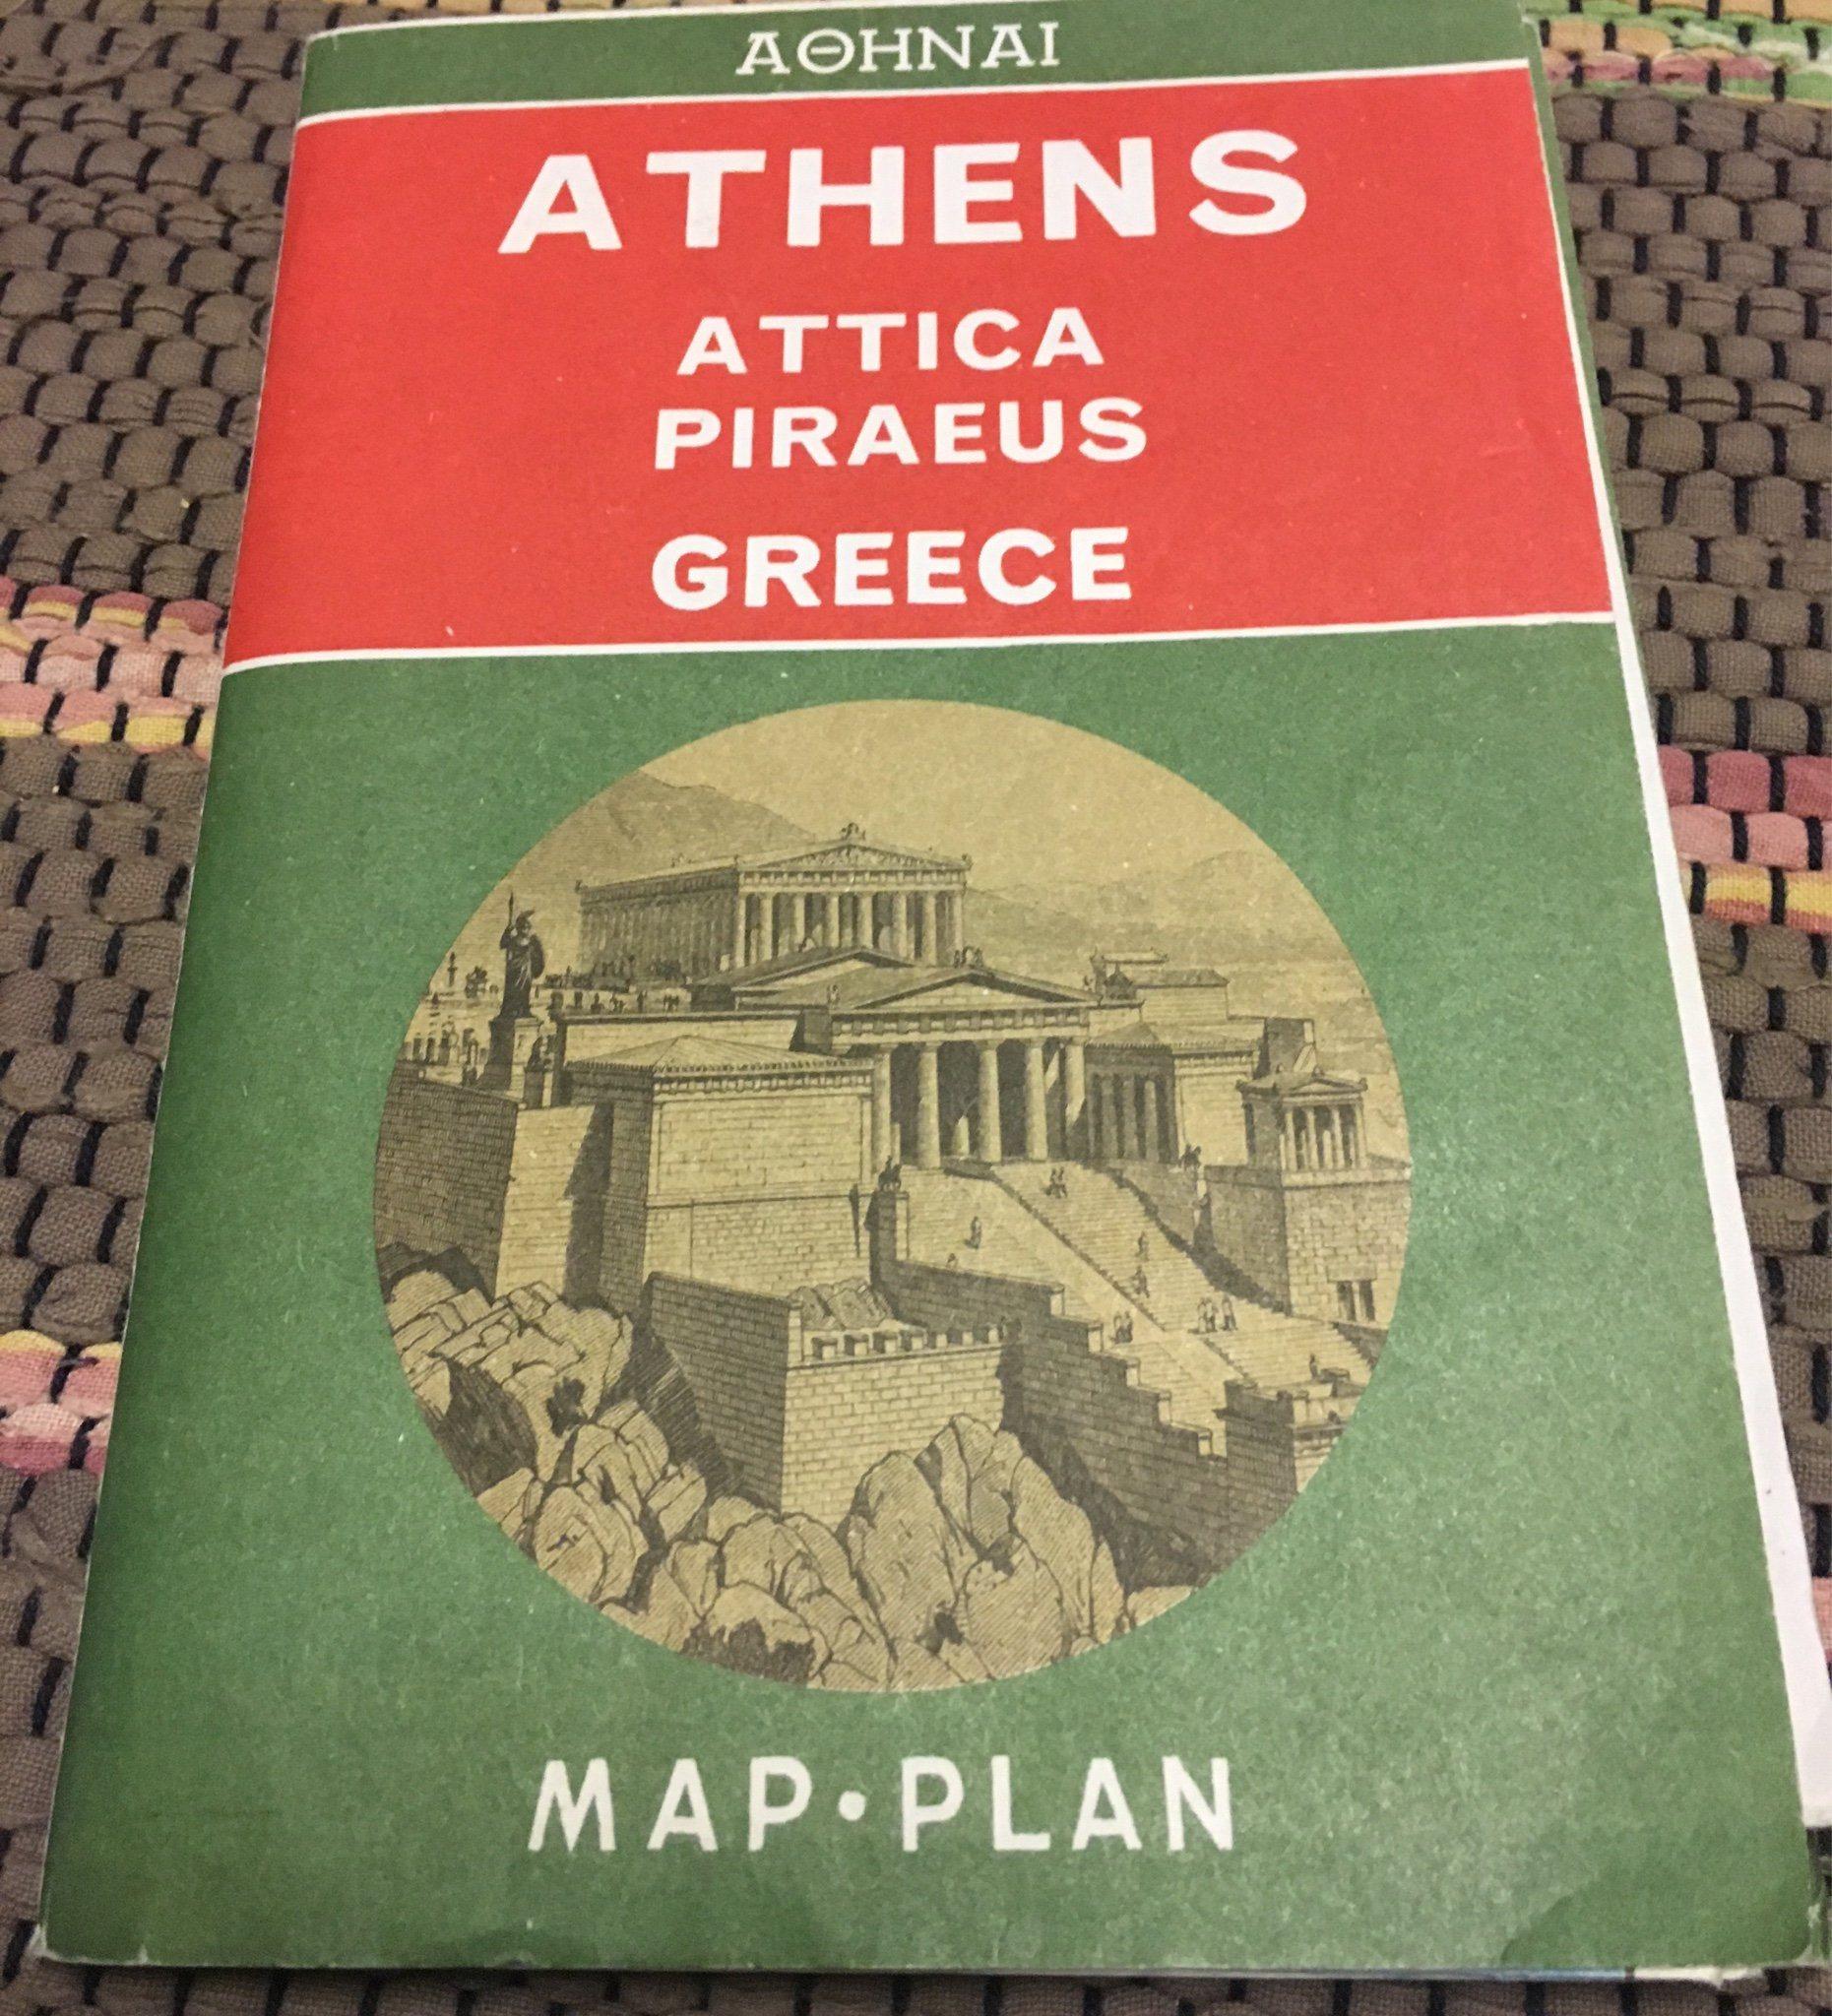 Karta Aten Grekland.Stadskarta Over Aten Grekland Retro 342075392 ᐈ Kop Pa Tradera